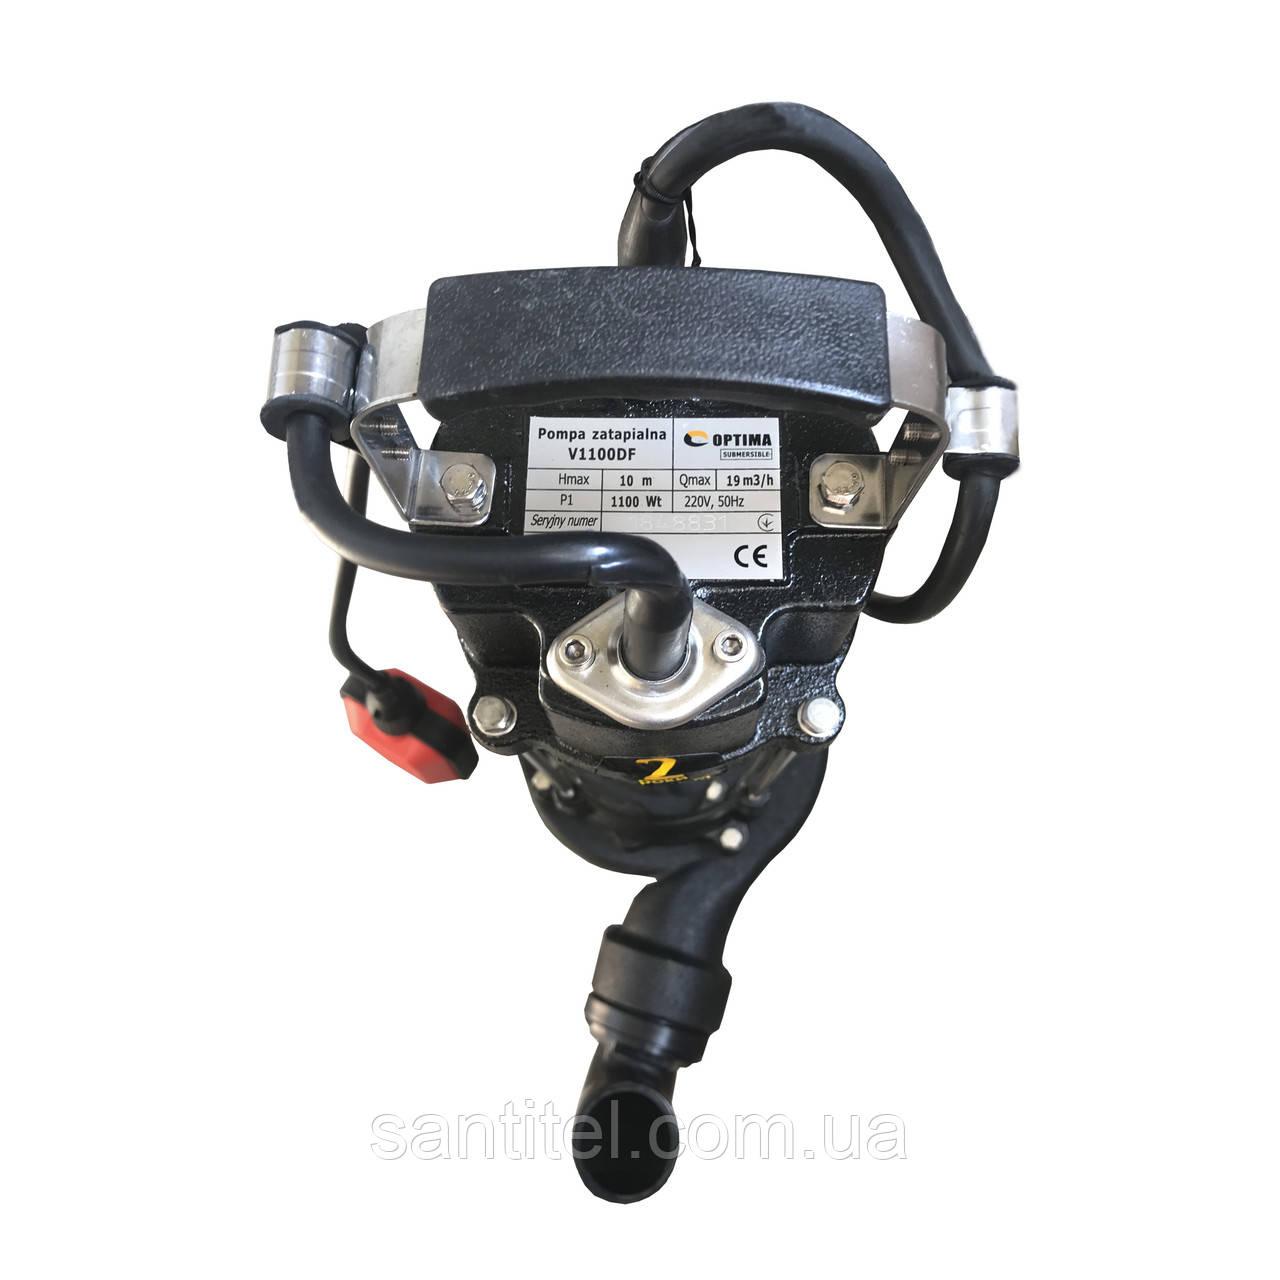 Насос фекальный с режущим механизмом Optima V1100 DF 1.1кВт